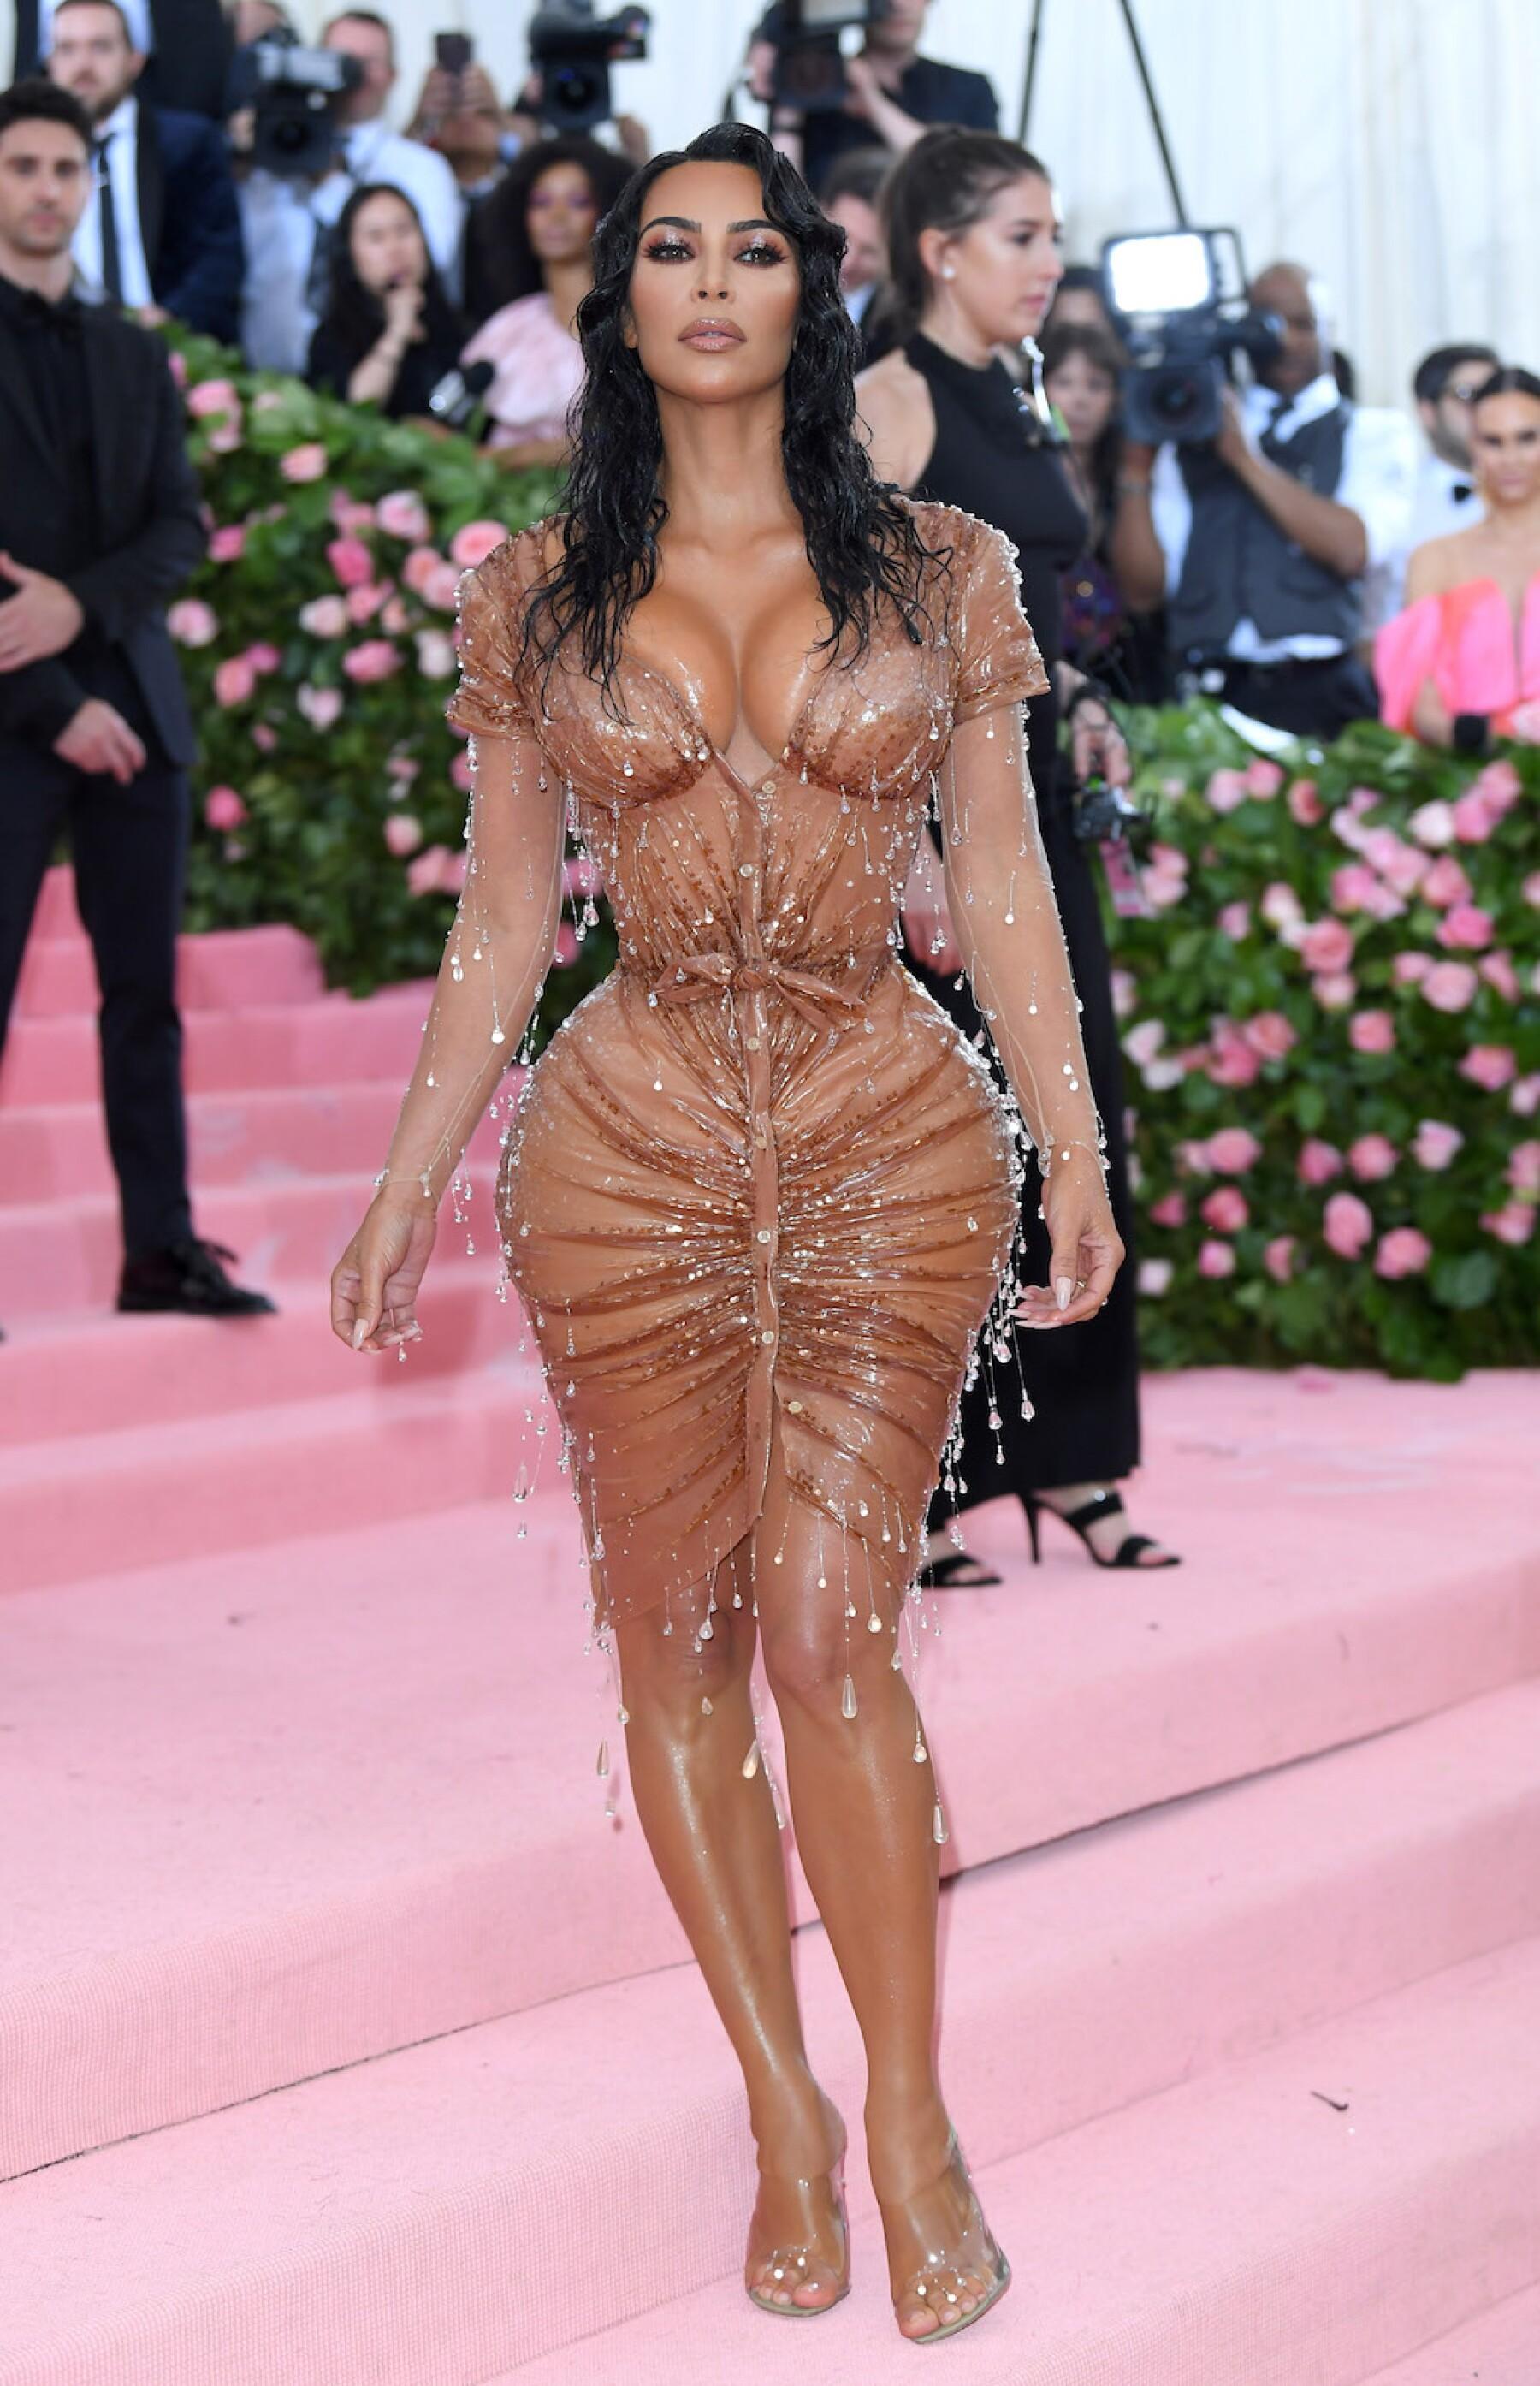 El vestido que Kim Kardashian usó en la gala del Met iba a ser más ...